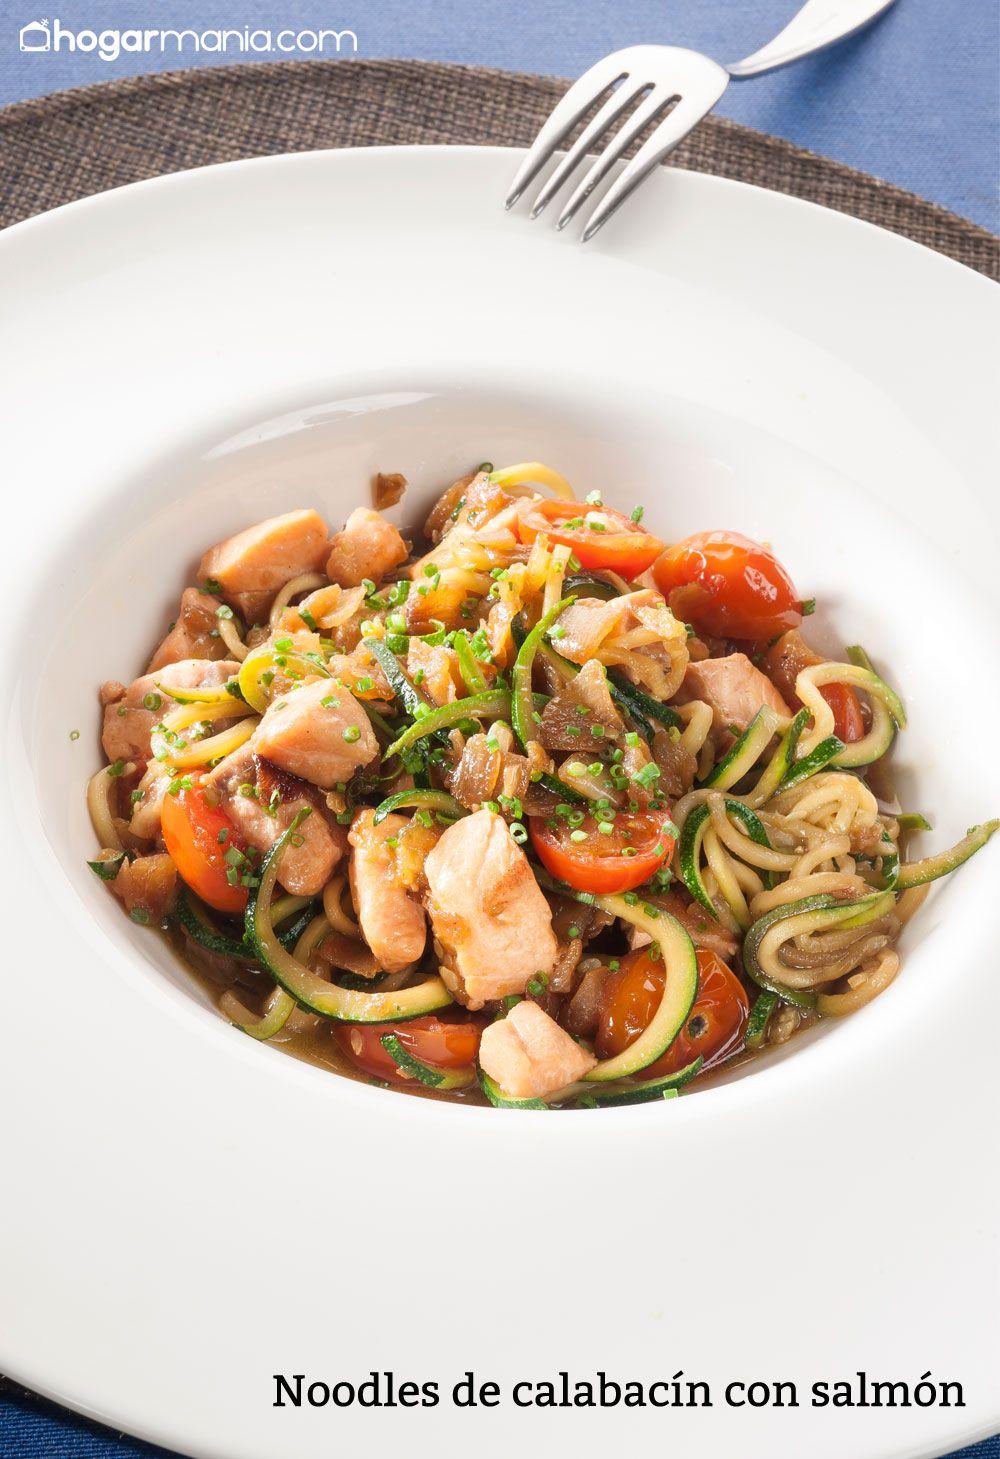 Noodles de calabacín con salmón